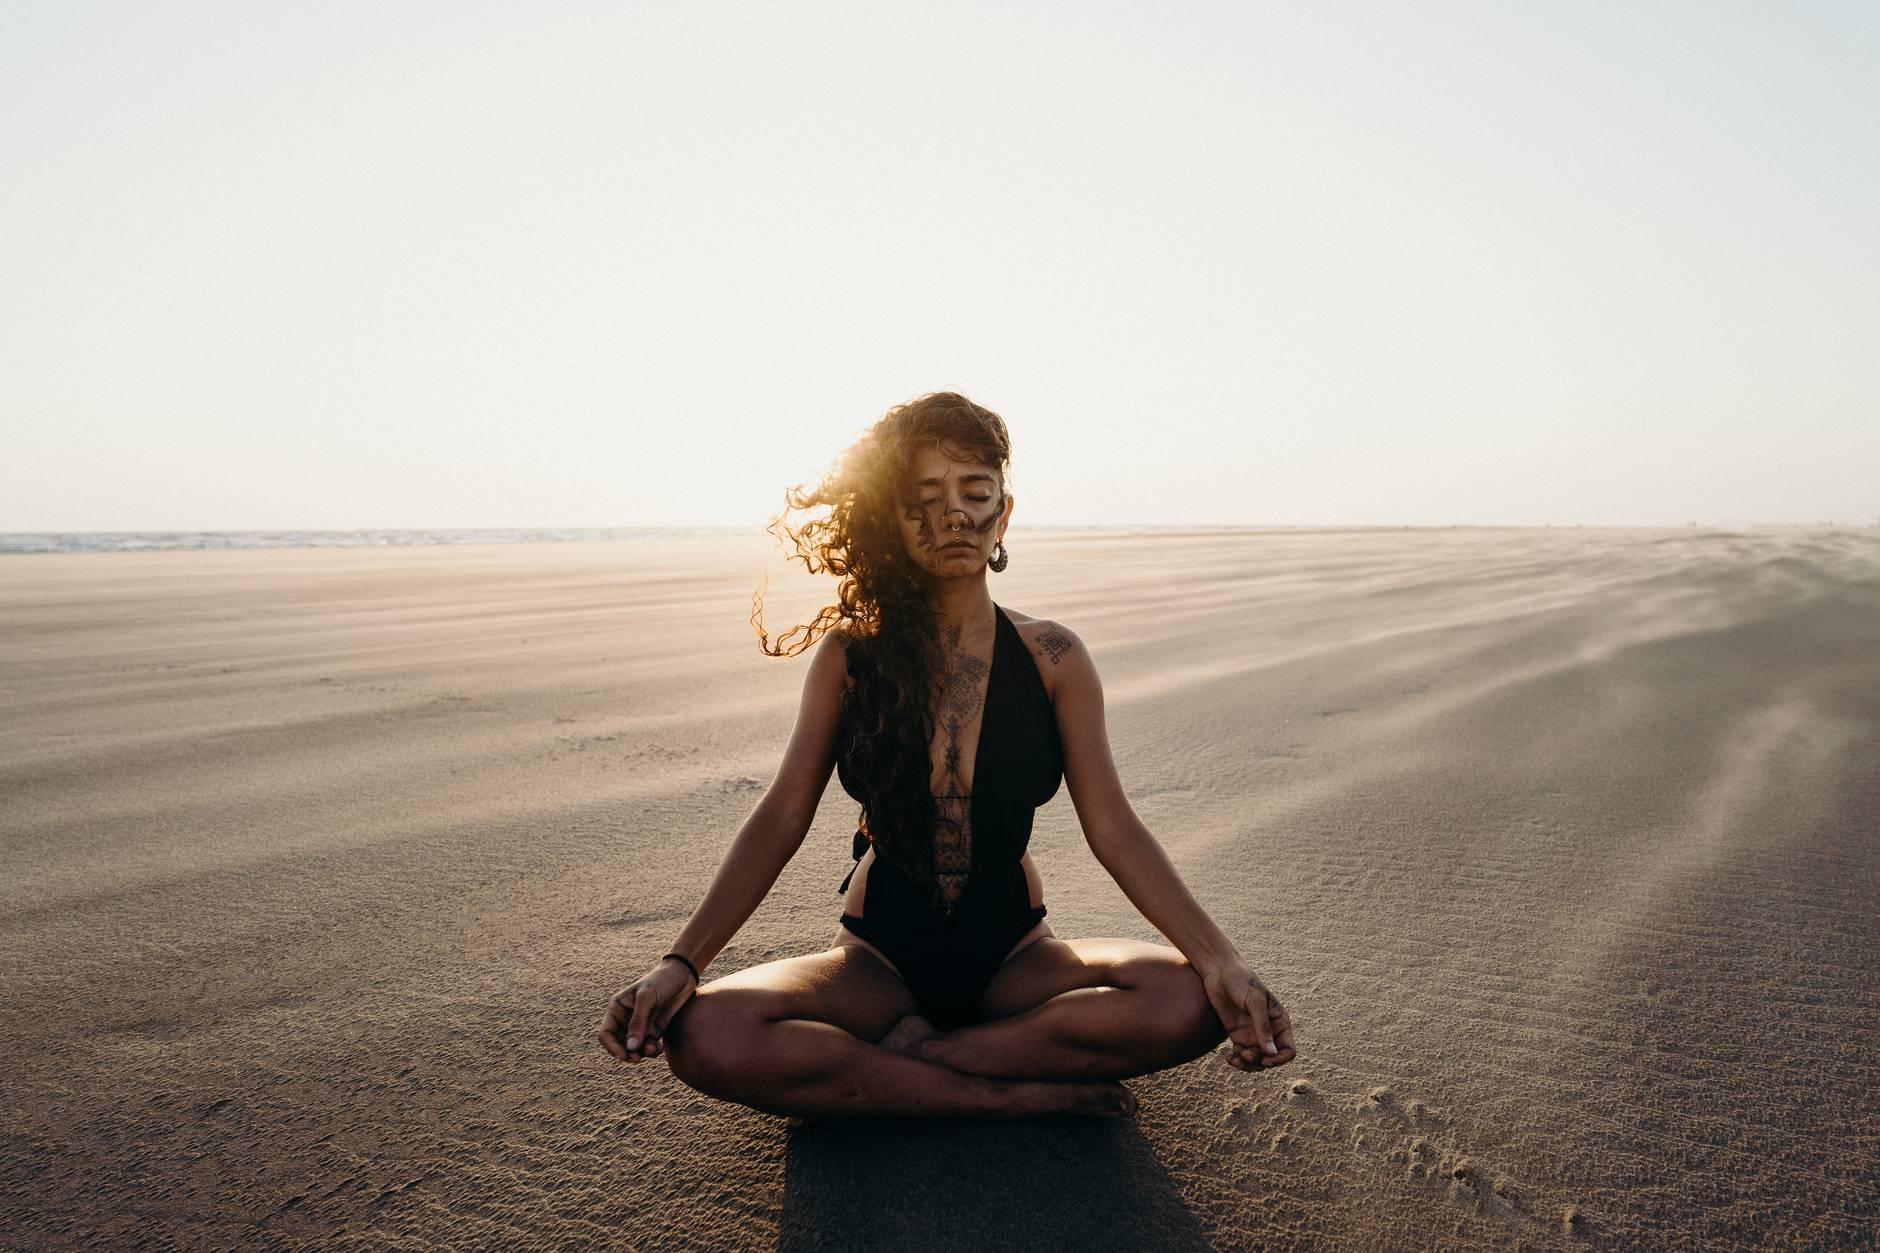 Meditate for depth